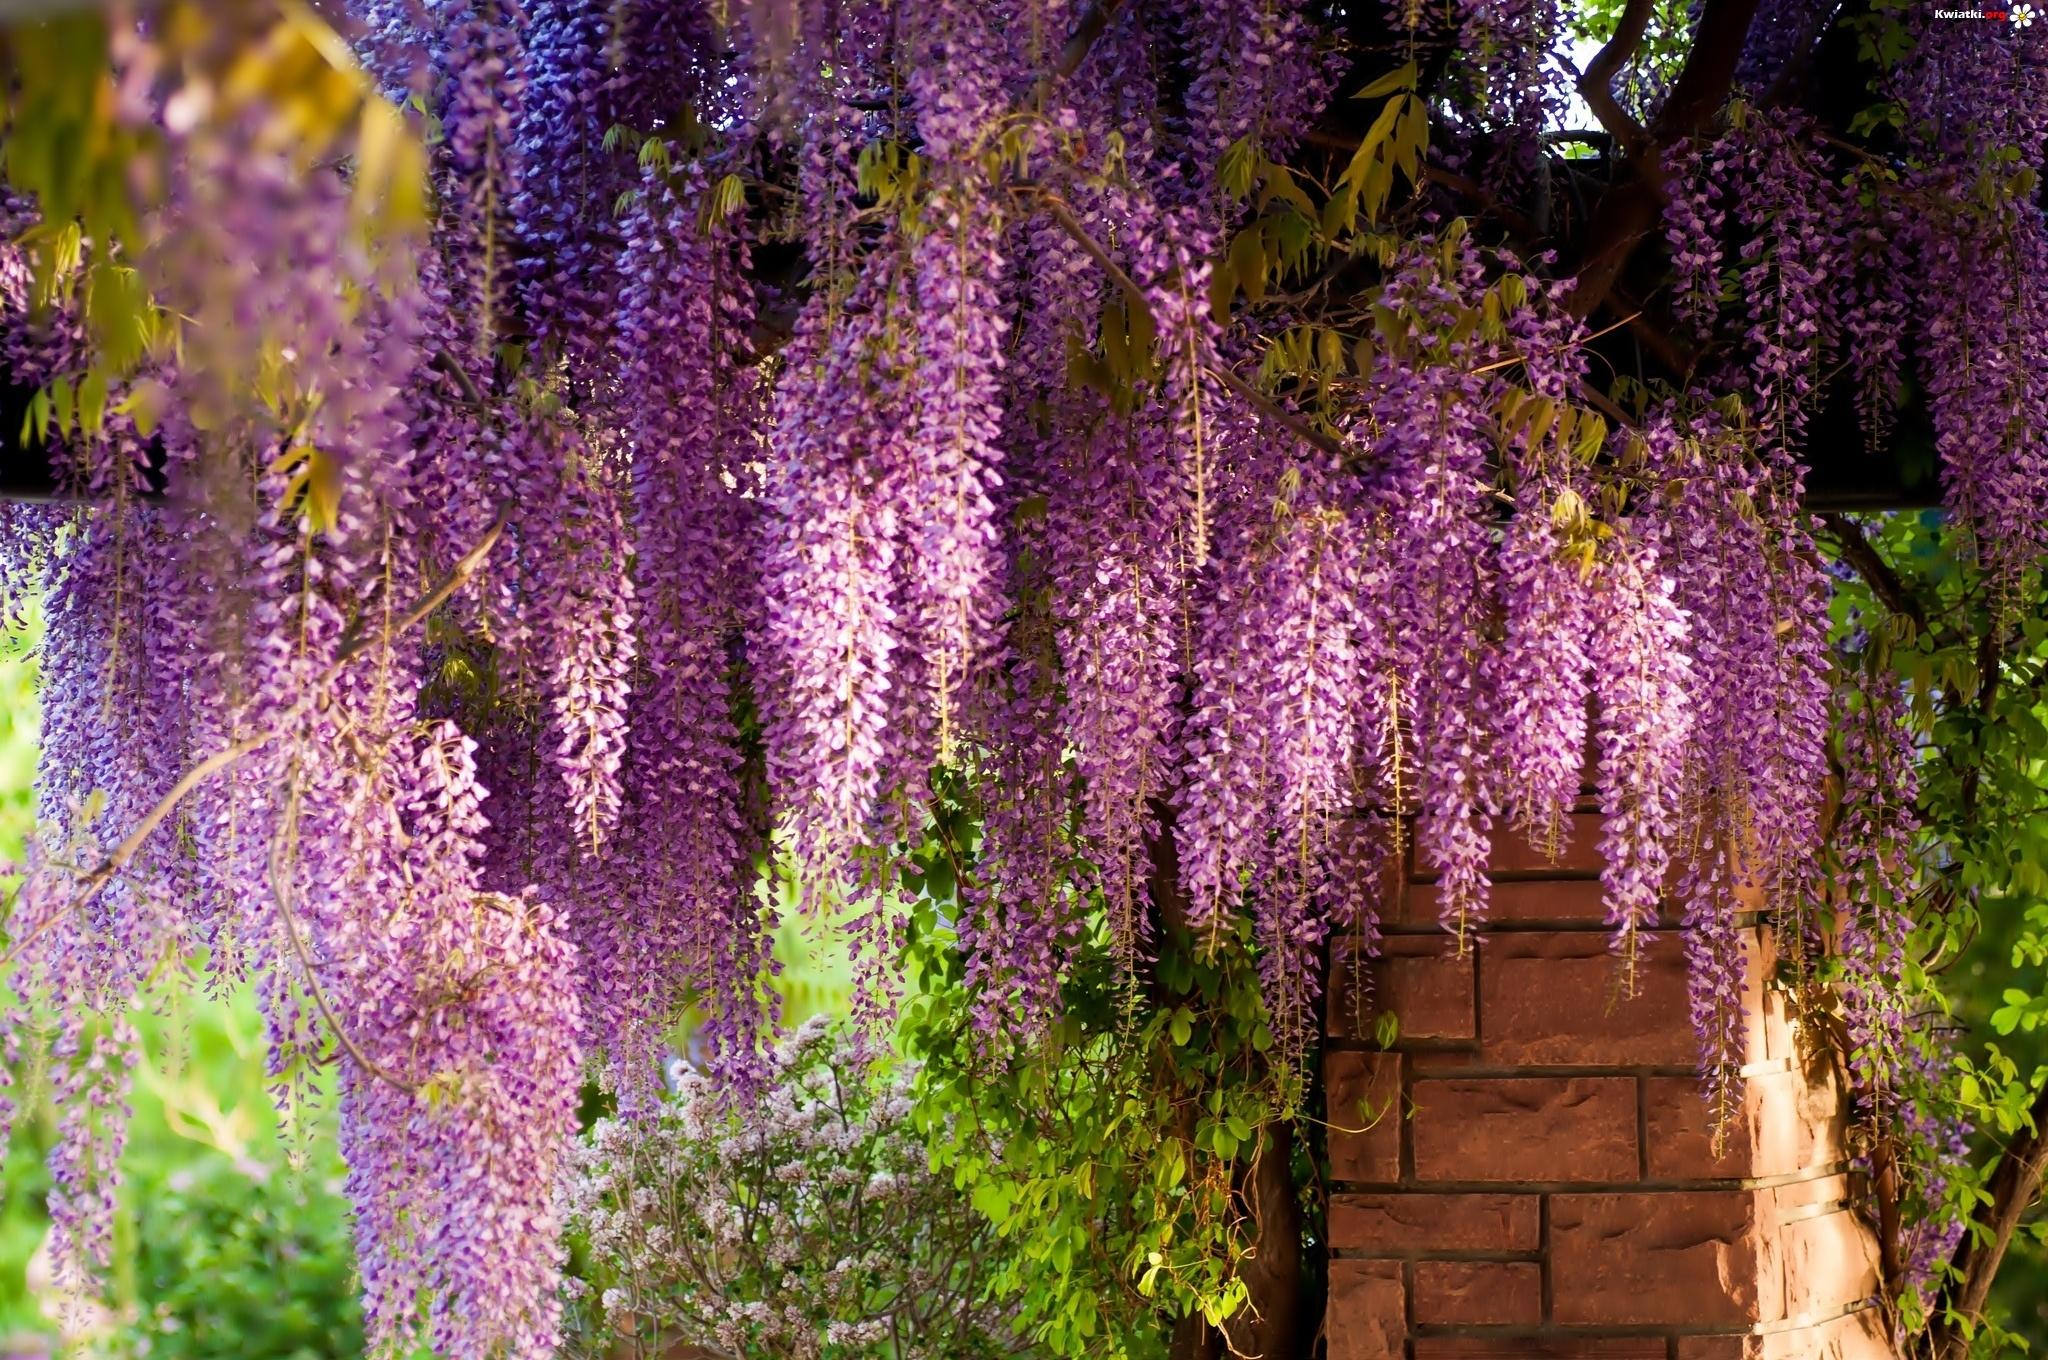 Kwiaty wisz ce wisteria zdj cia for The wisteria